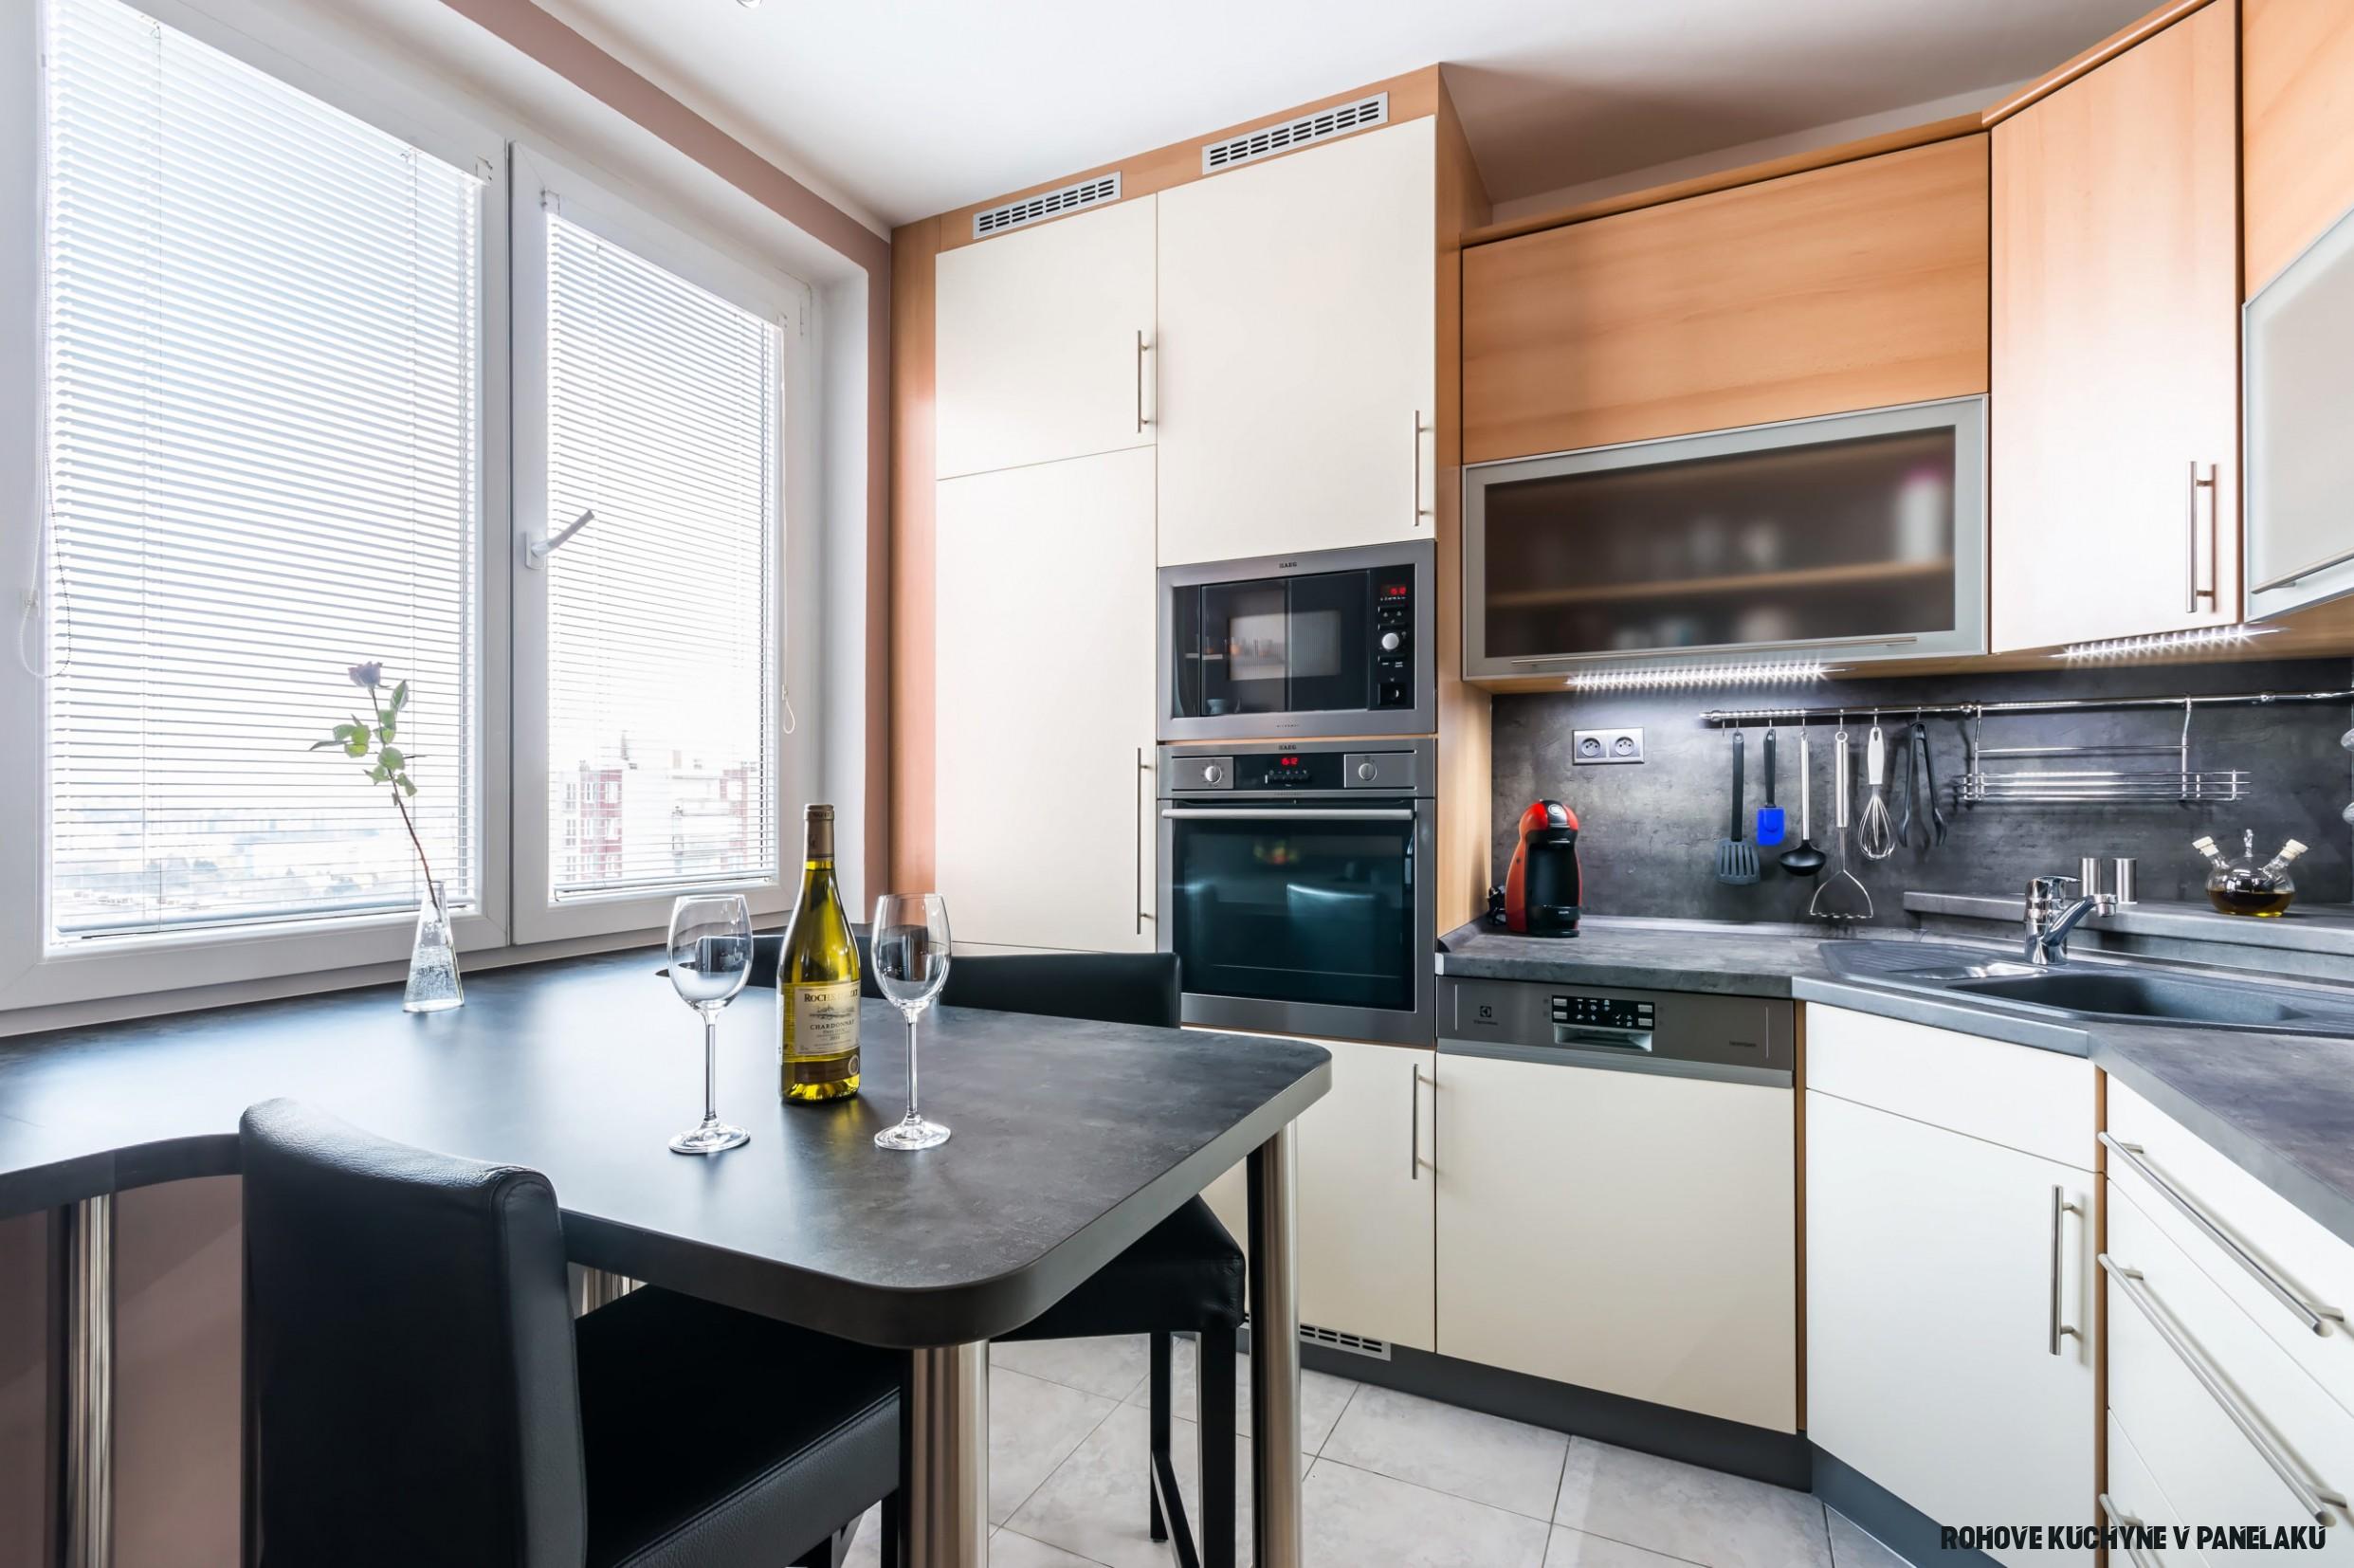 Jak si užít vaření v paneláku  Gabon Brno, kuchyňské studio